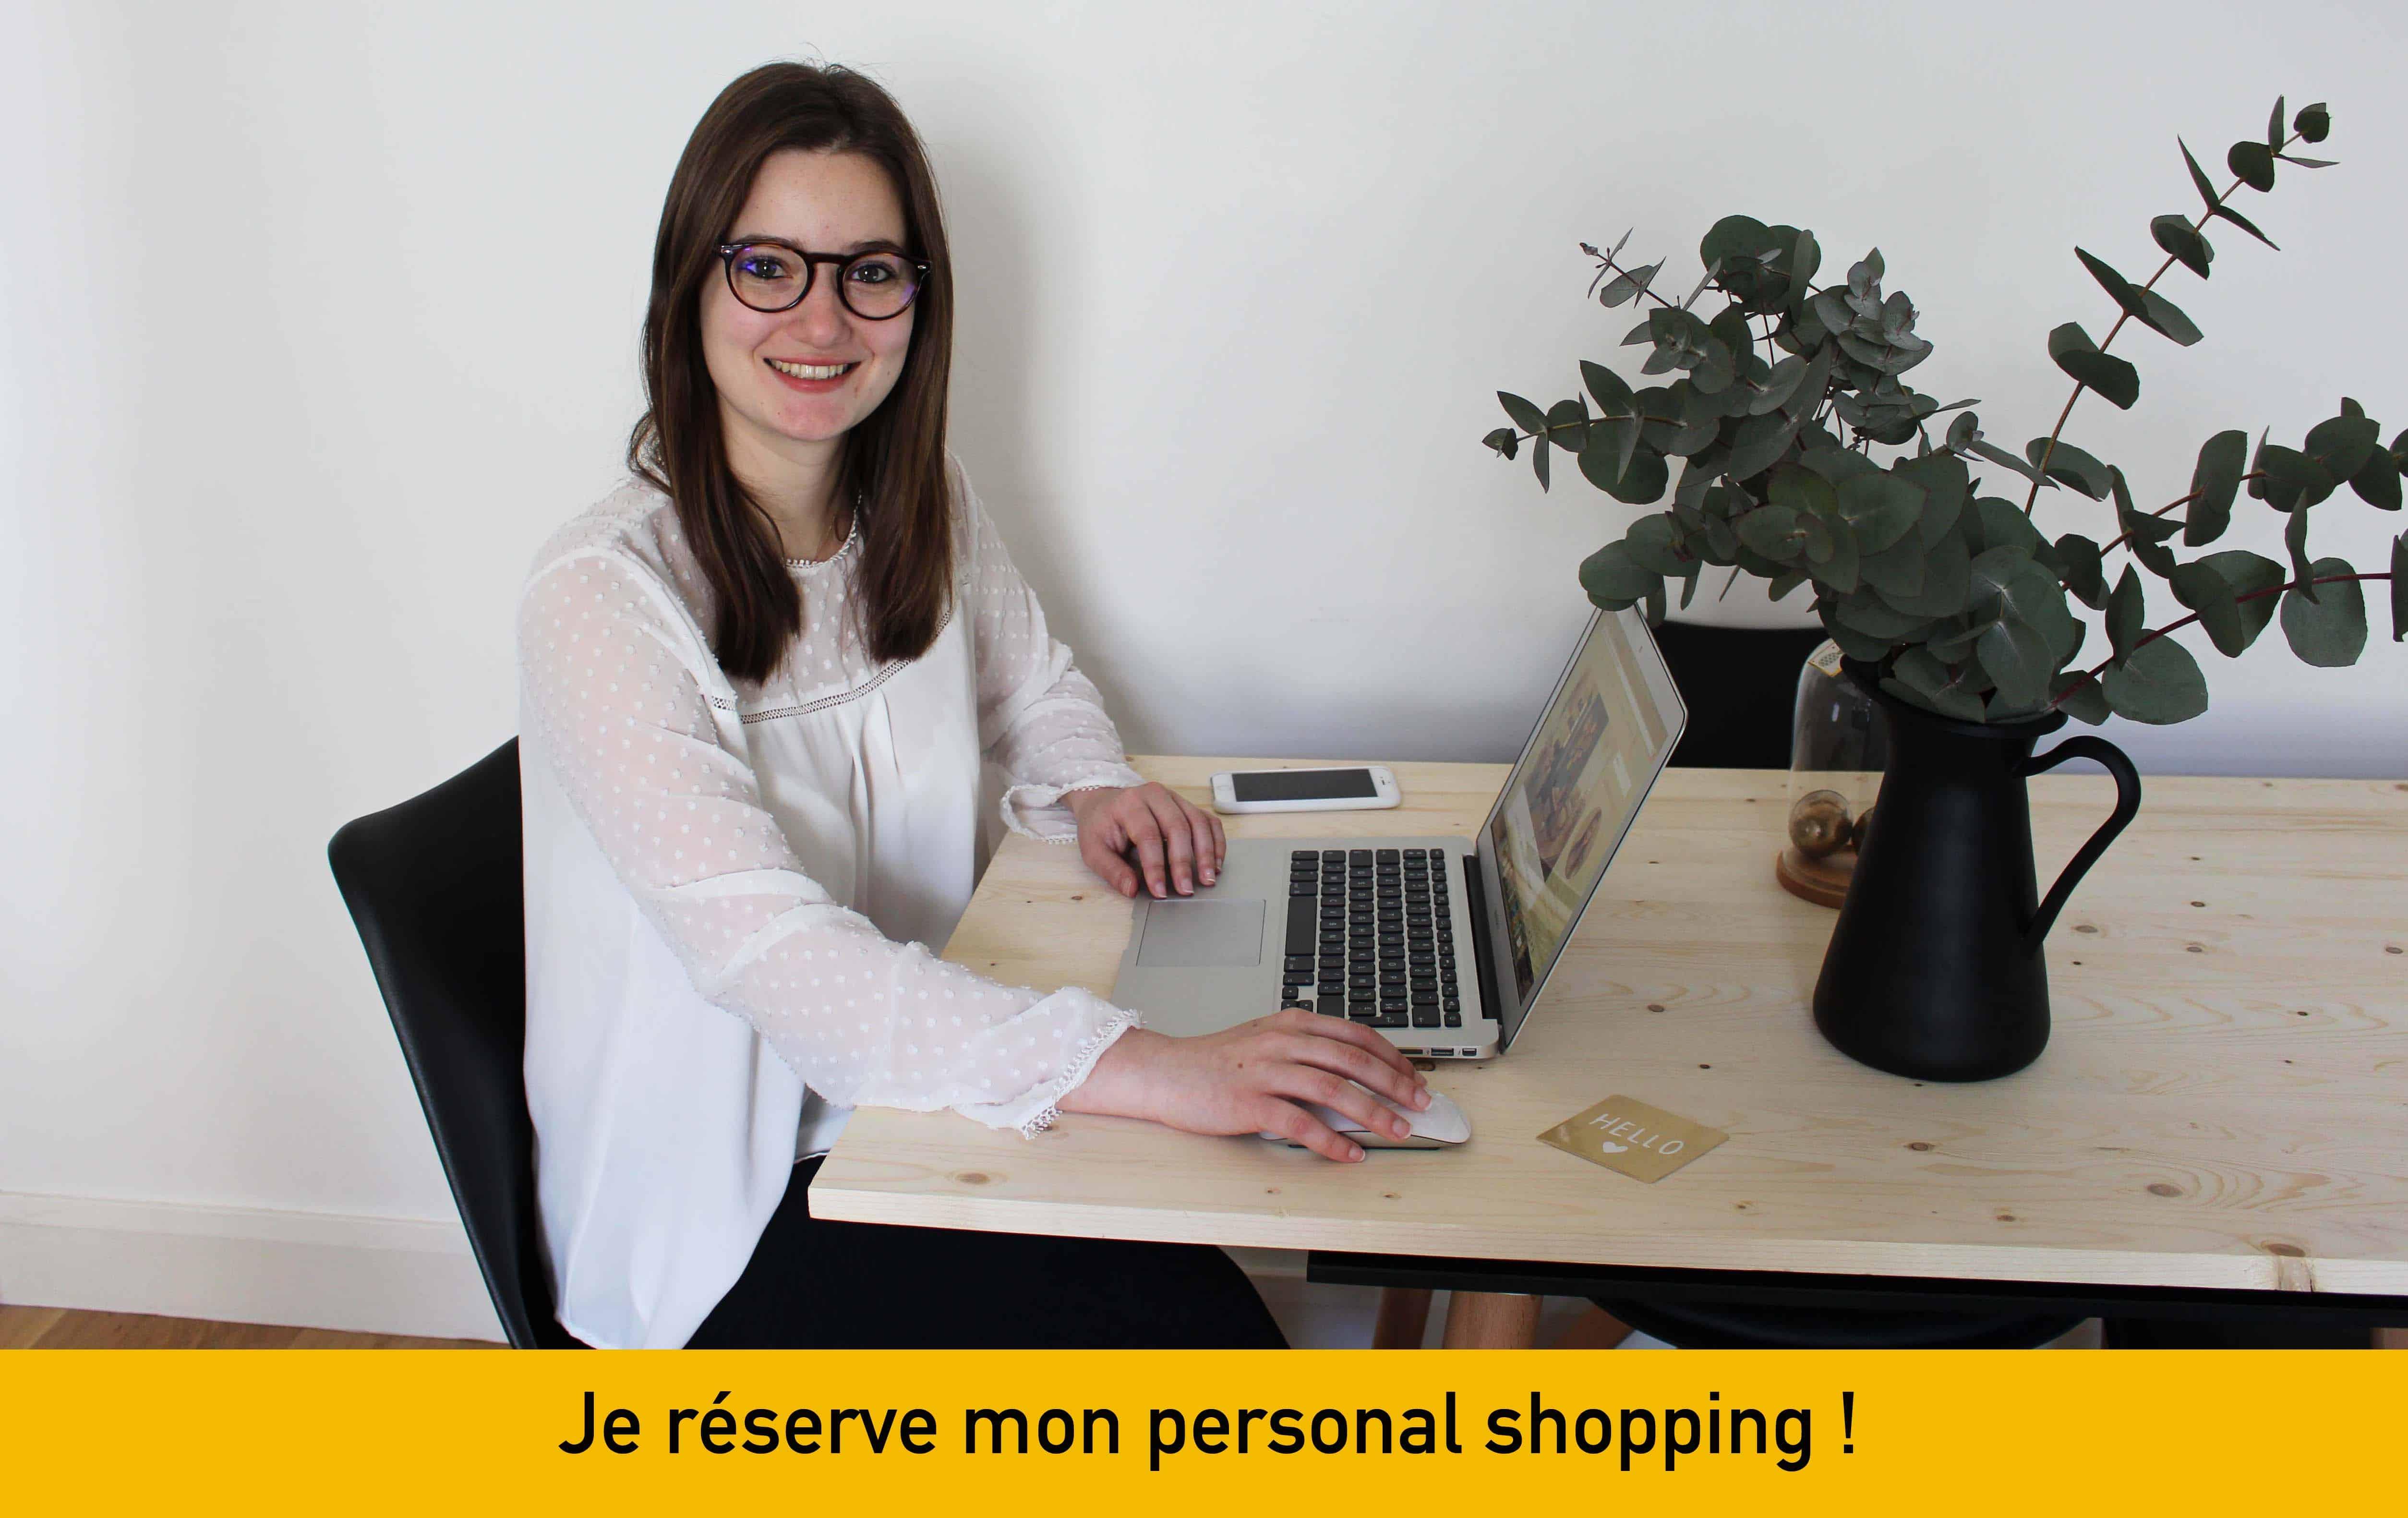 Je réserve mon personal shopper www.soodeco.fr/